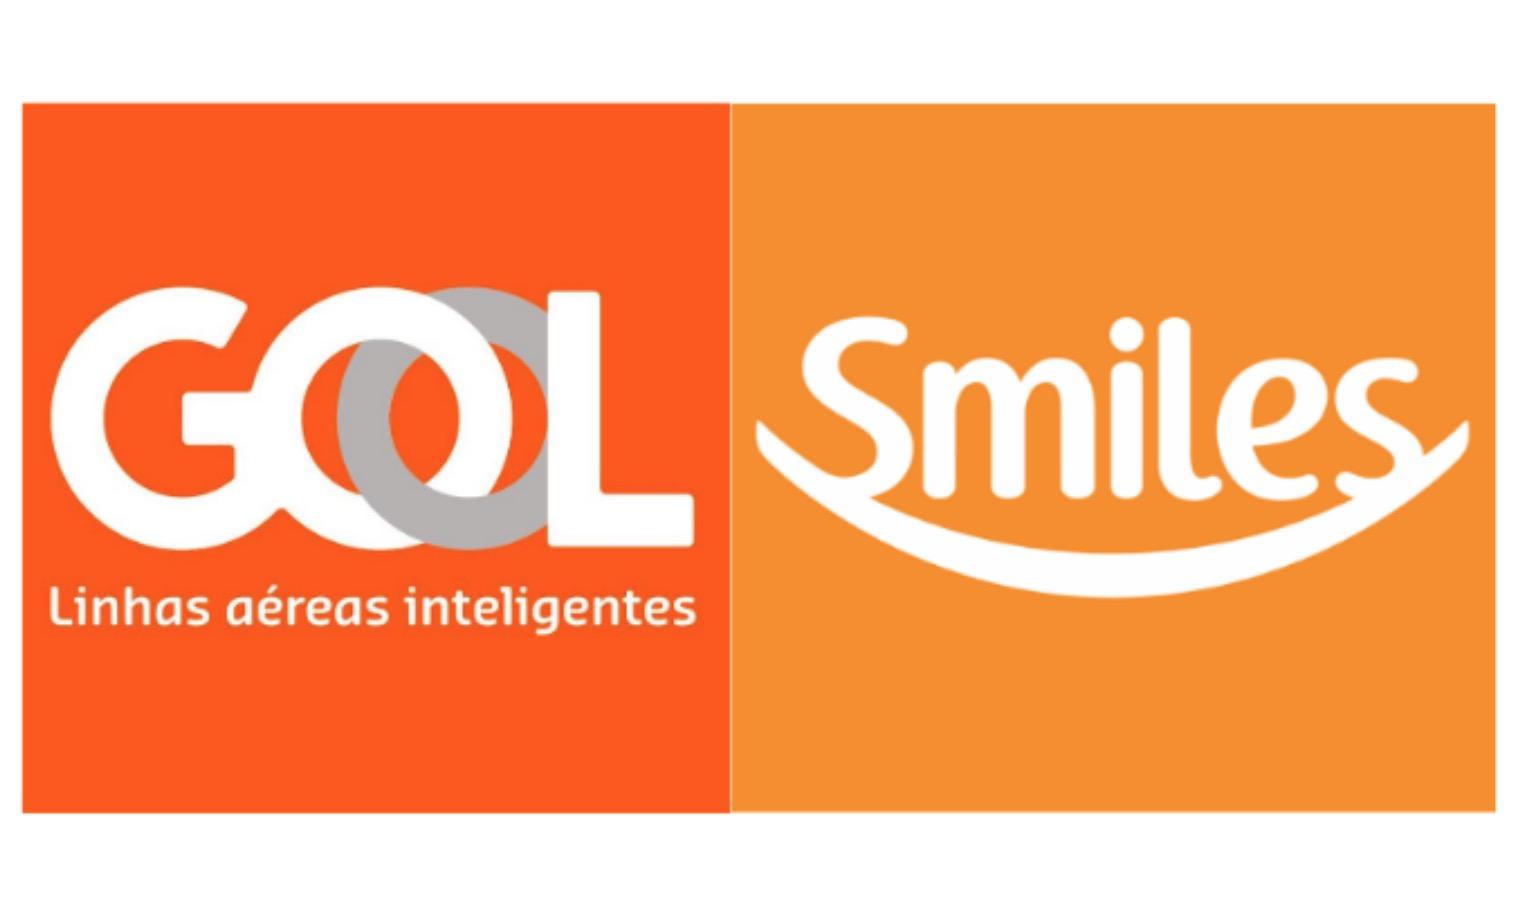 GOL-Smiles_Isologotype